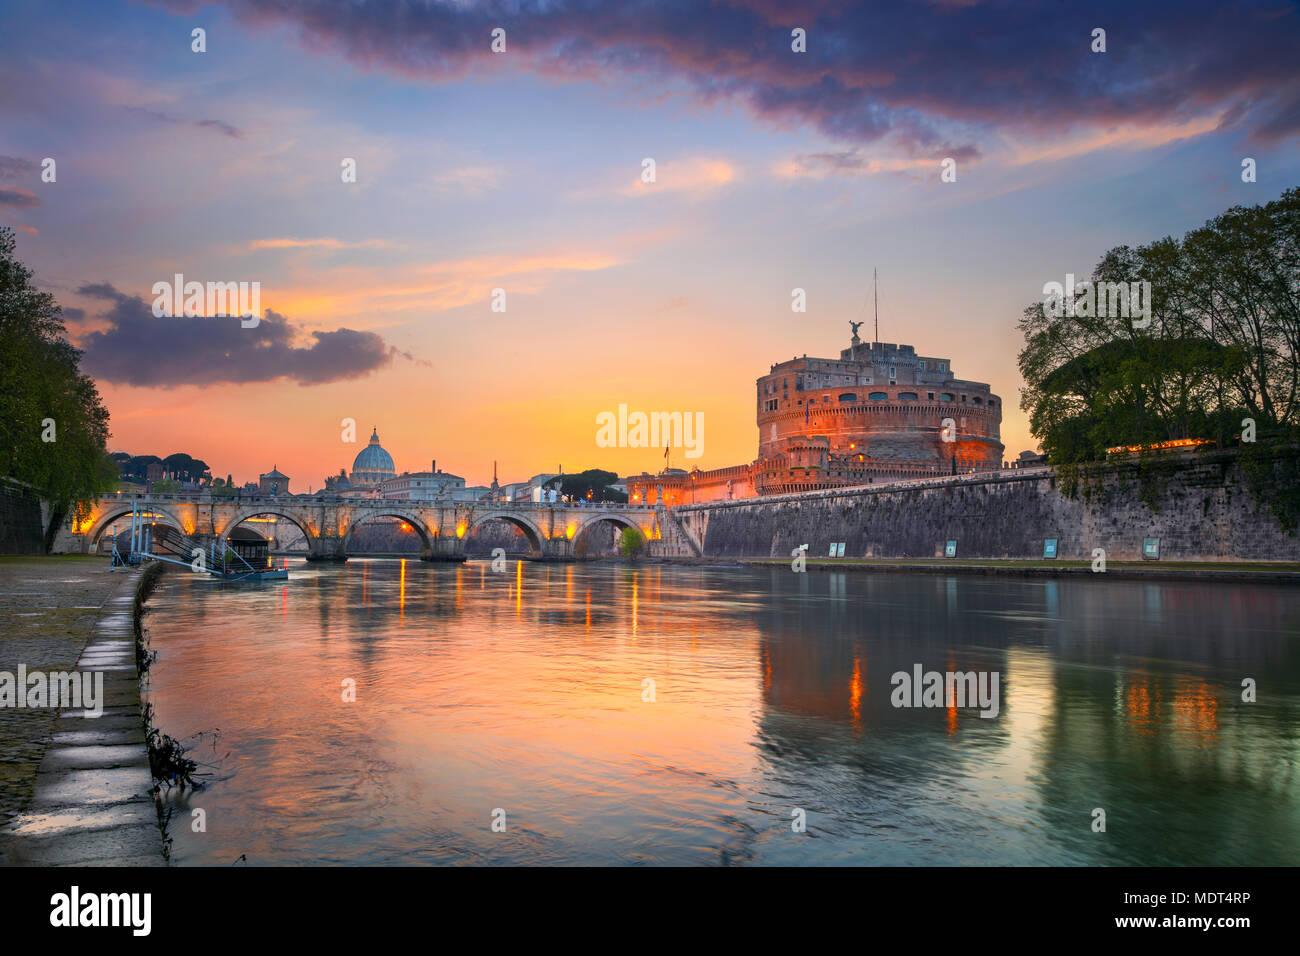 Rome. Image du Château de Saint Ange Saint Ange et pont sur le Tibre à Rome au coucher du soleil. Photo Stock